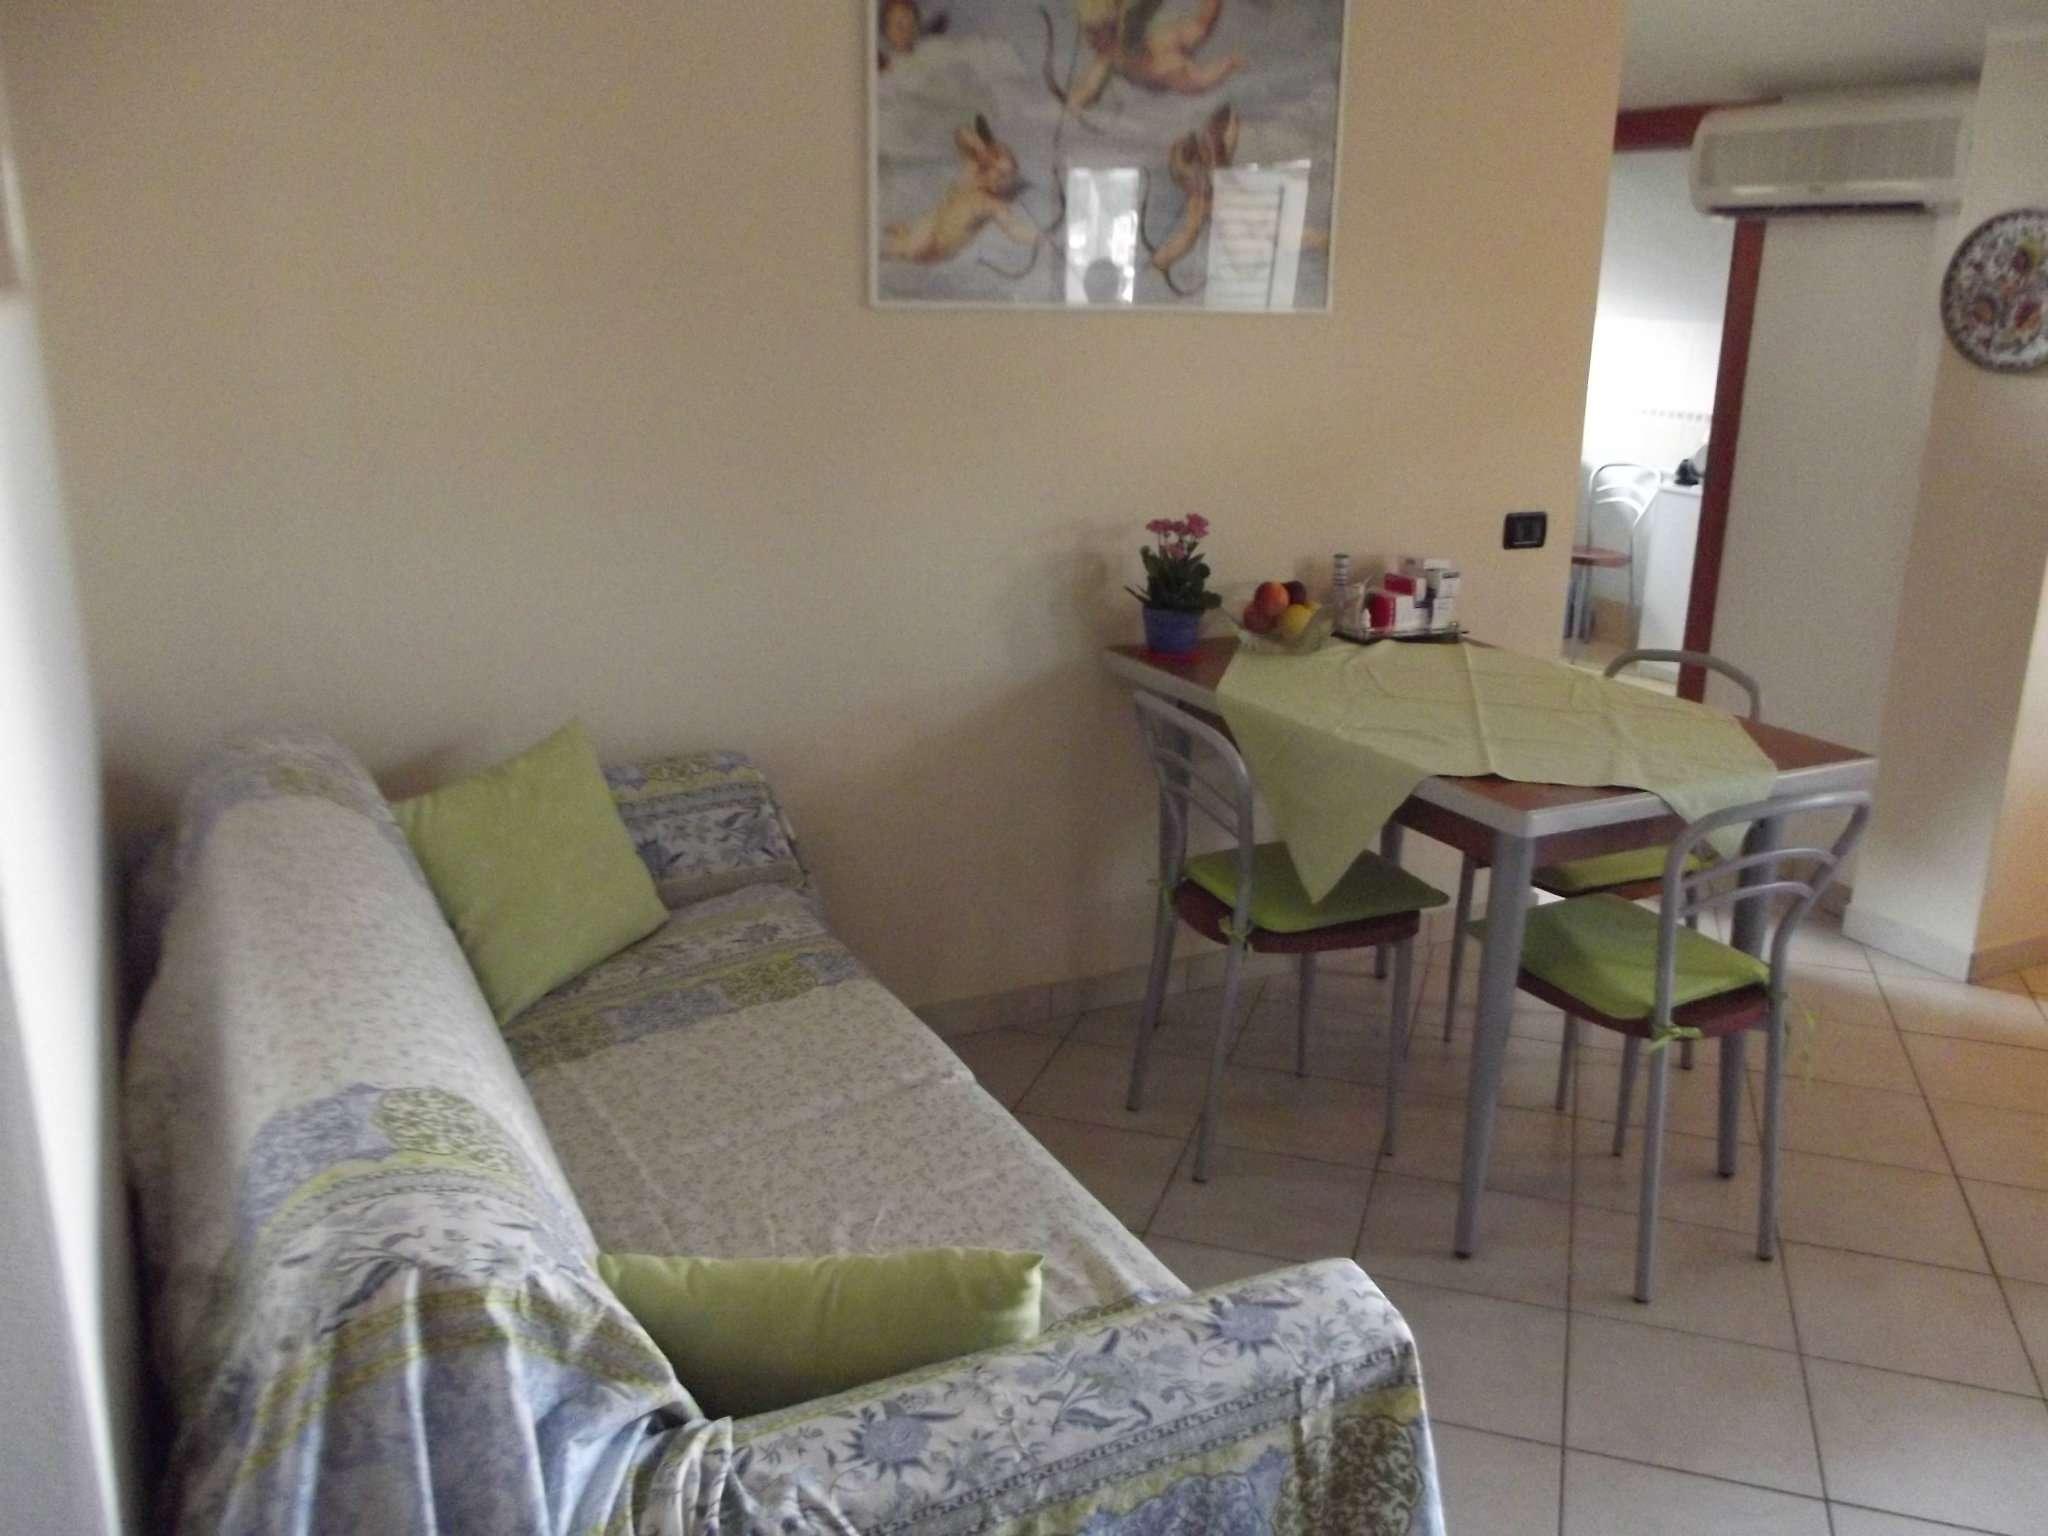 Attico / Mansarda in vendita a Tortoreto, 2 locali, prezzo € 70.000 | Cambio Casa.it